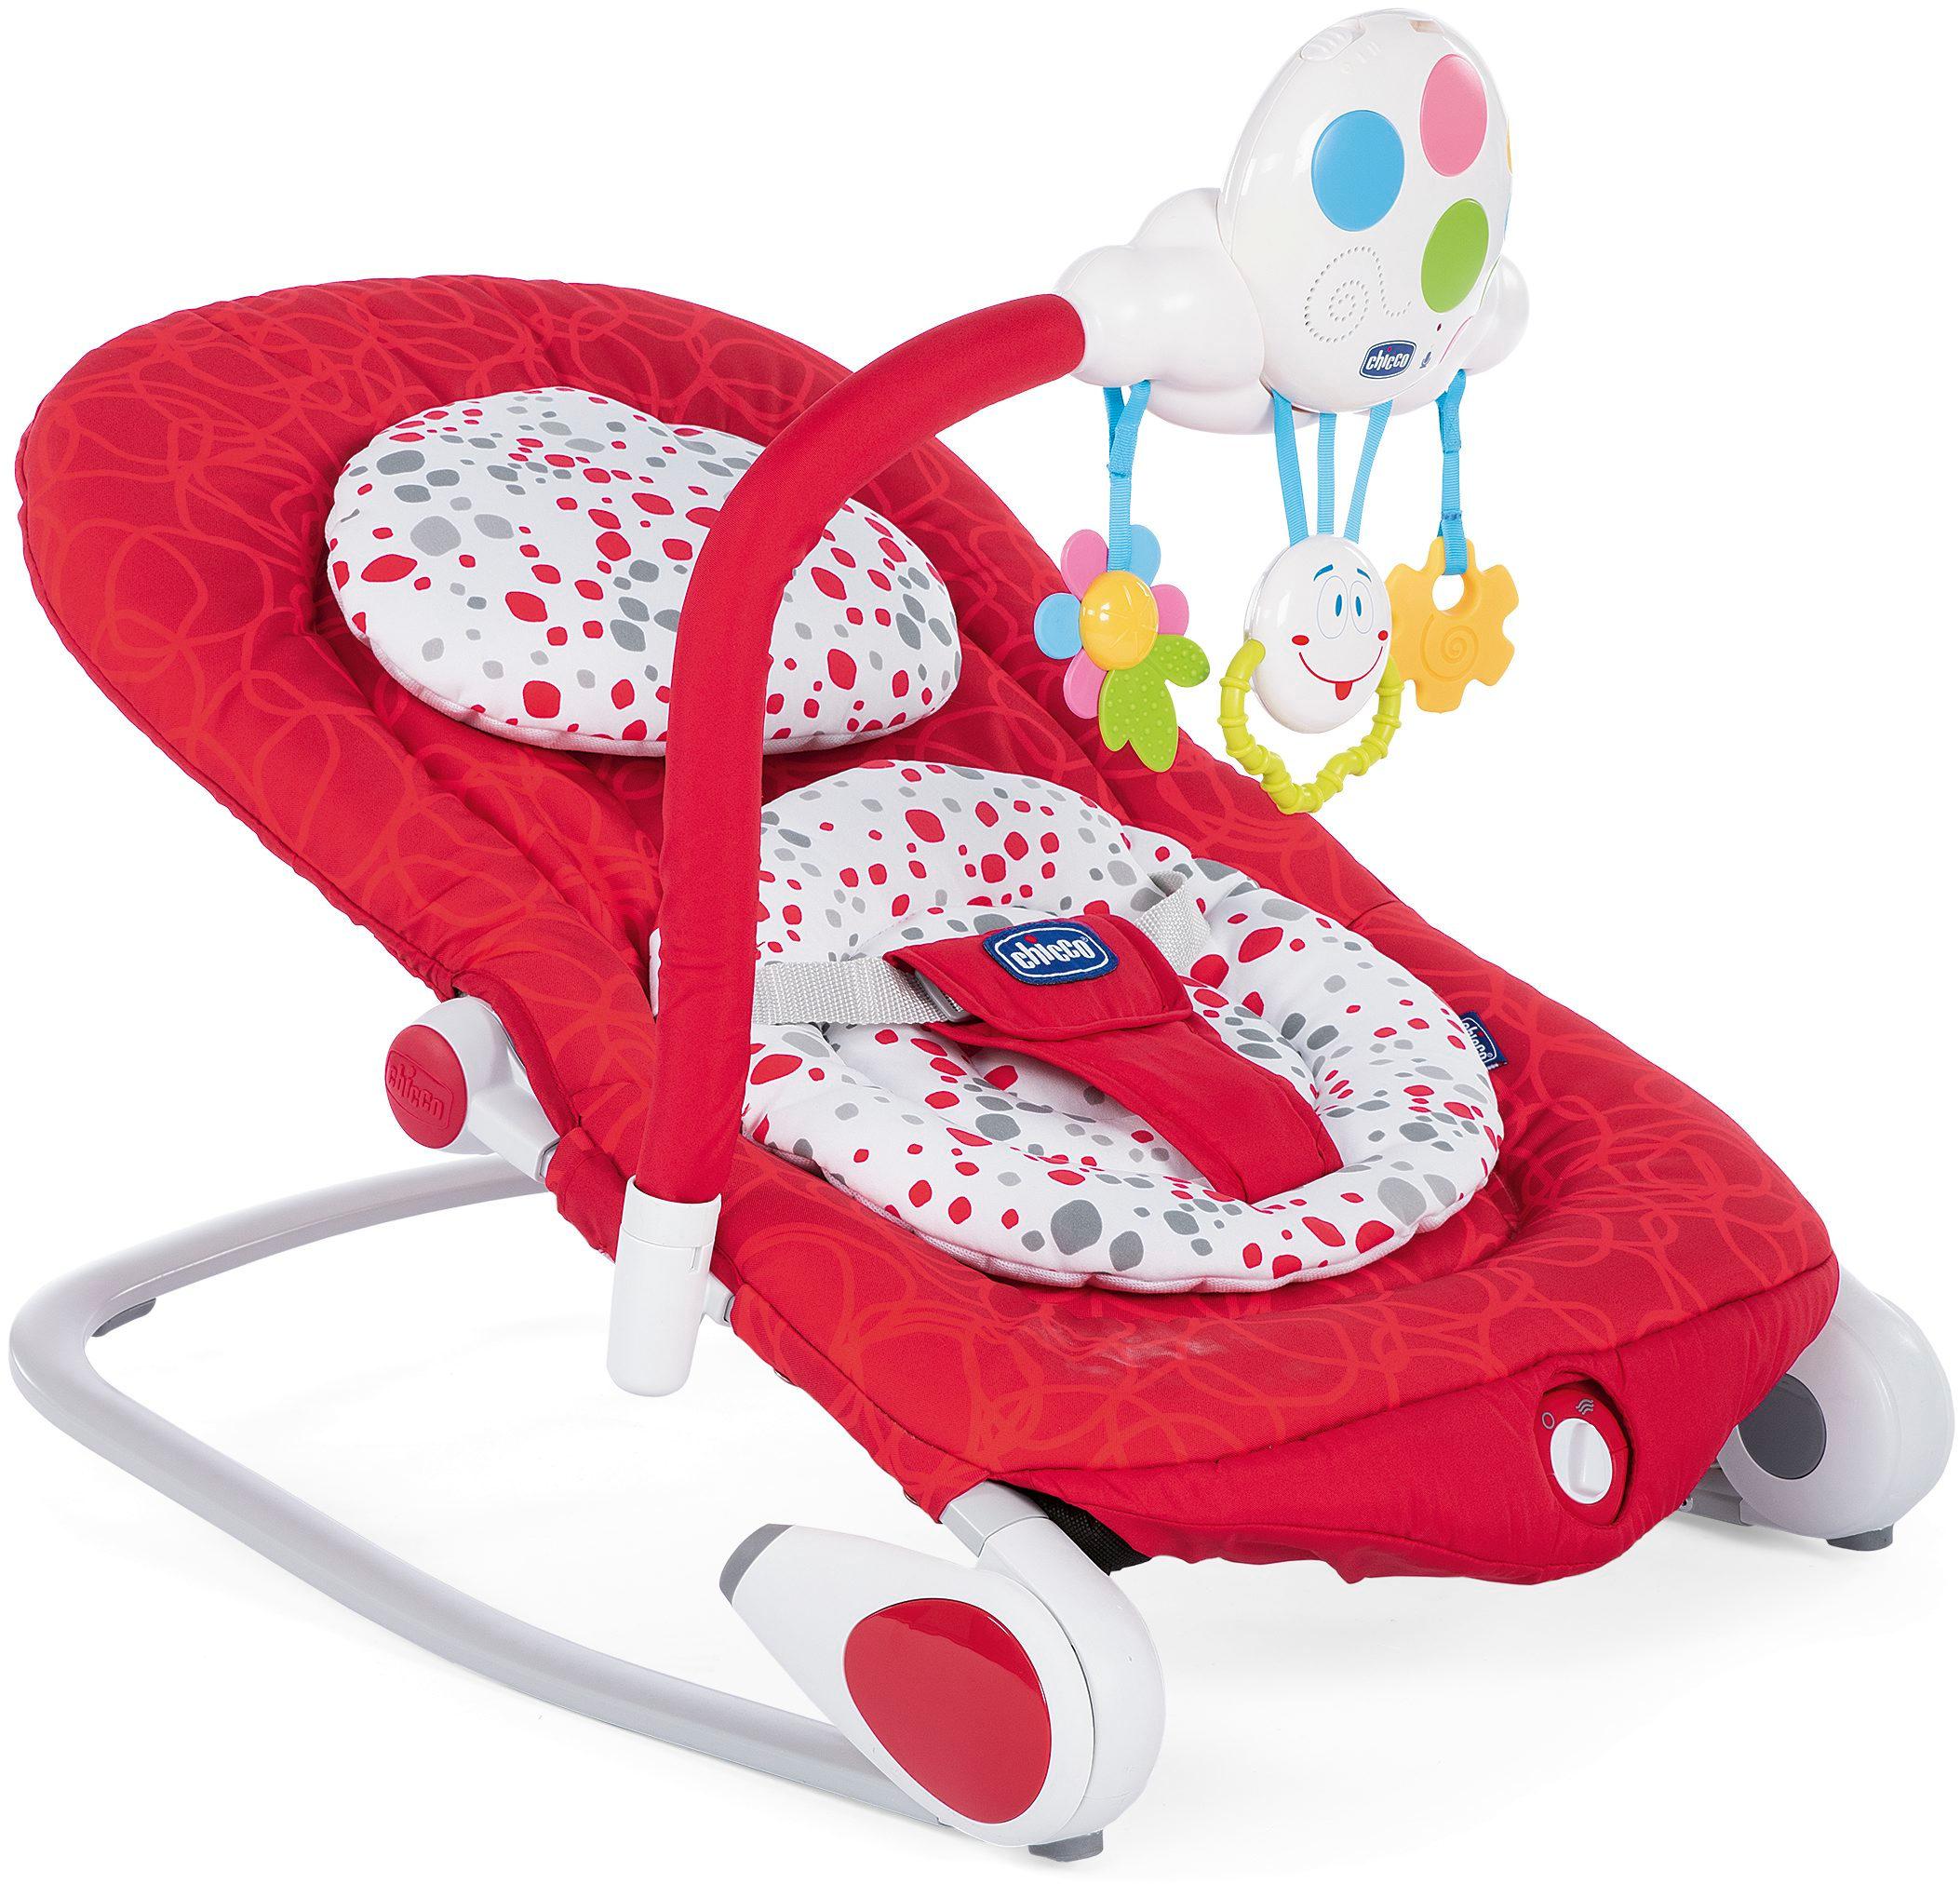 Шезлонг для новорожденных Chicco Balloon красный